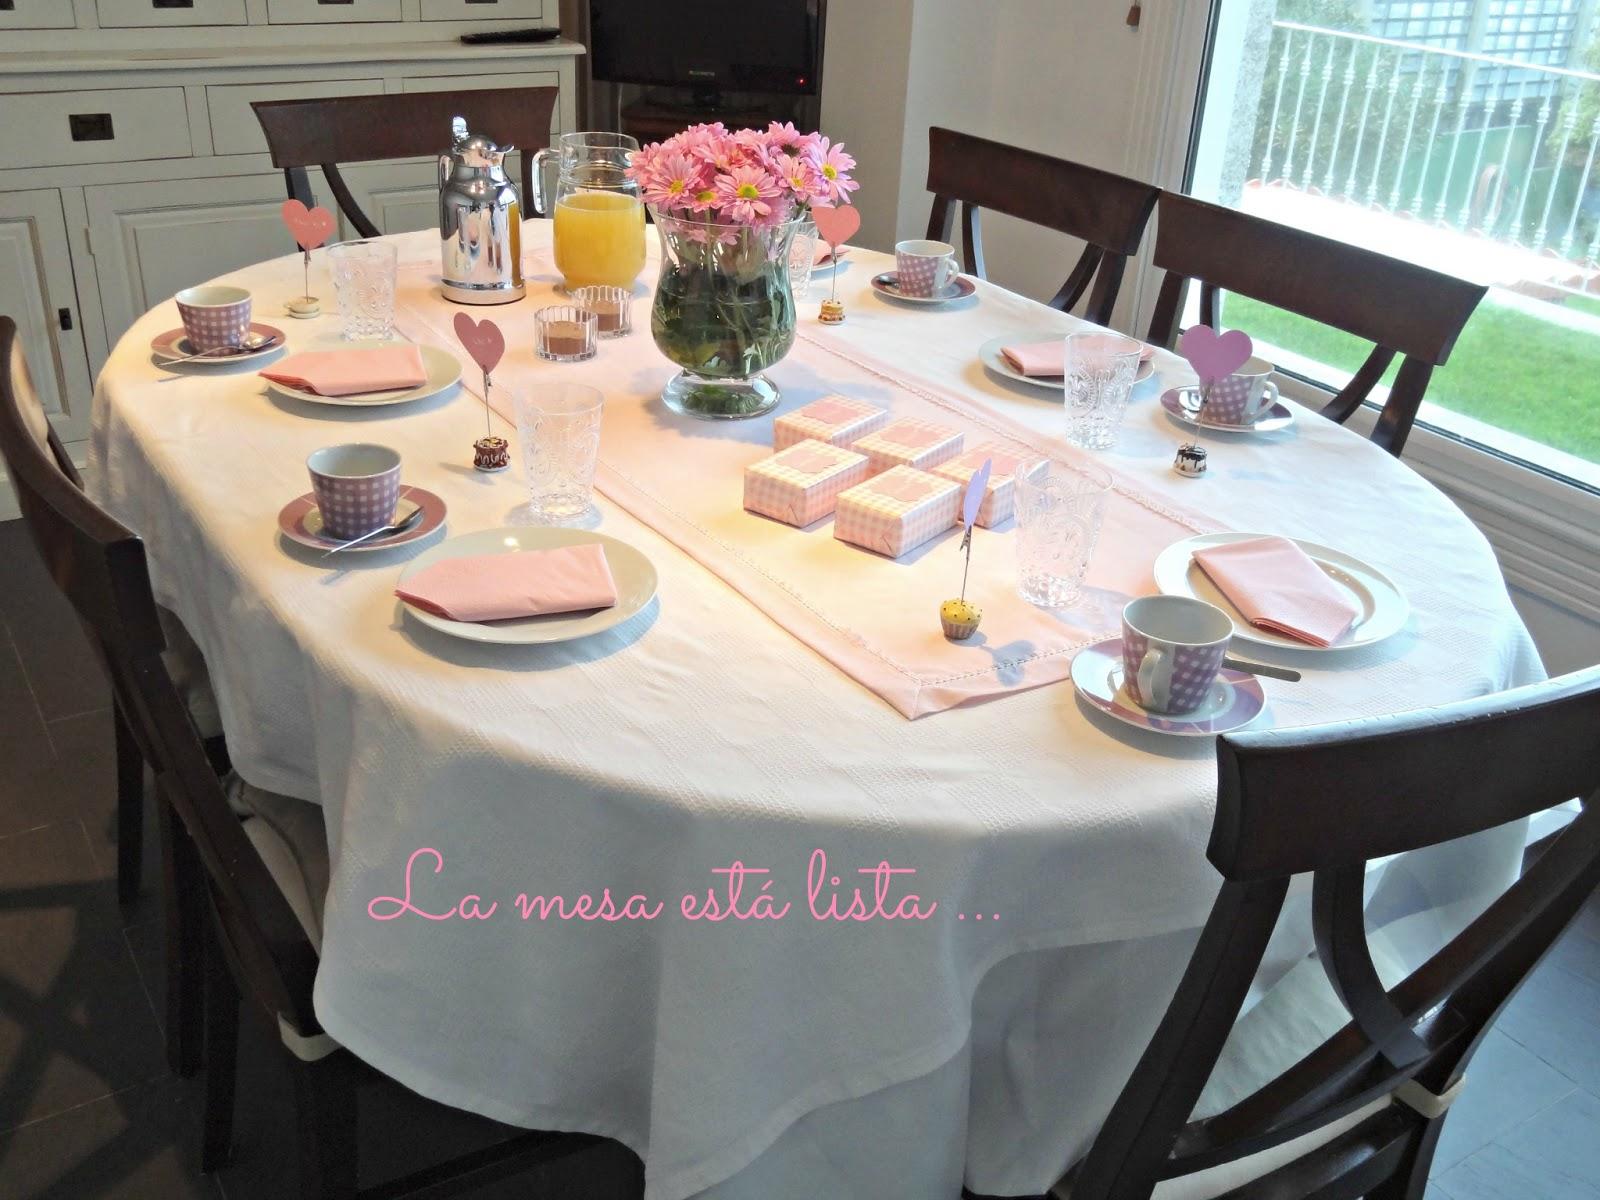 Celebra con ana compartiendo experiencias creativas desayuno rom ntico - Mesas de desayuno ...